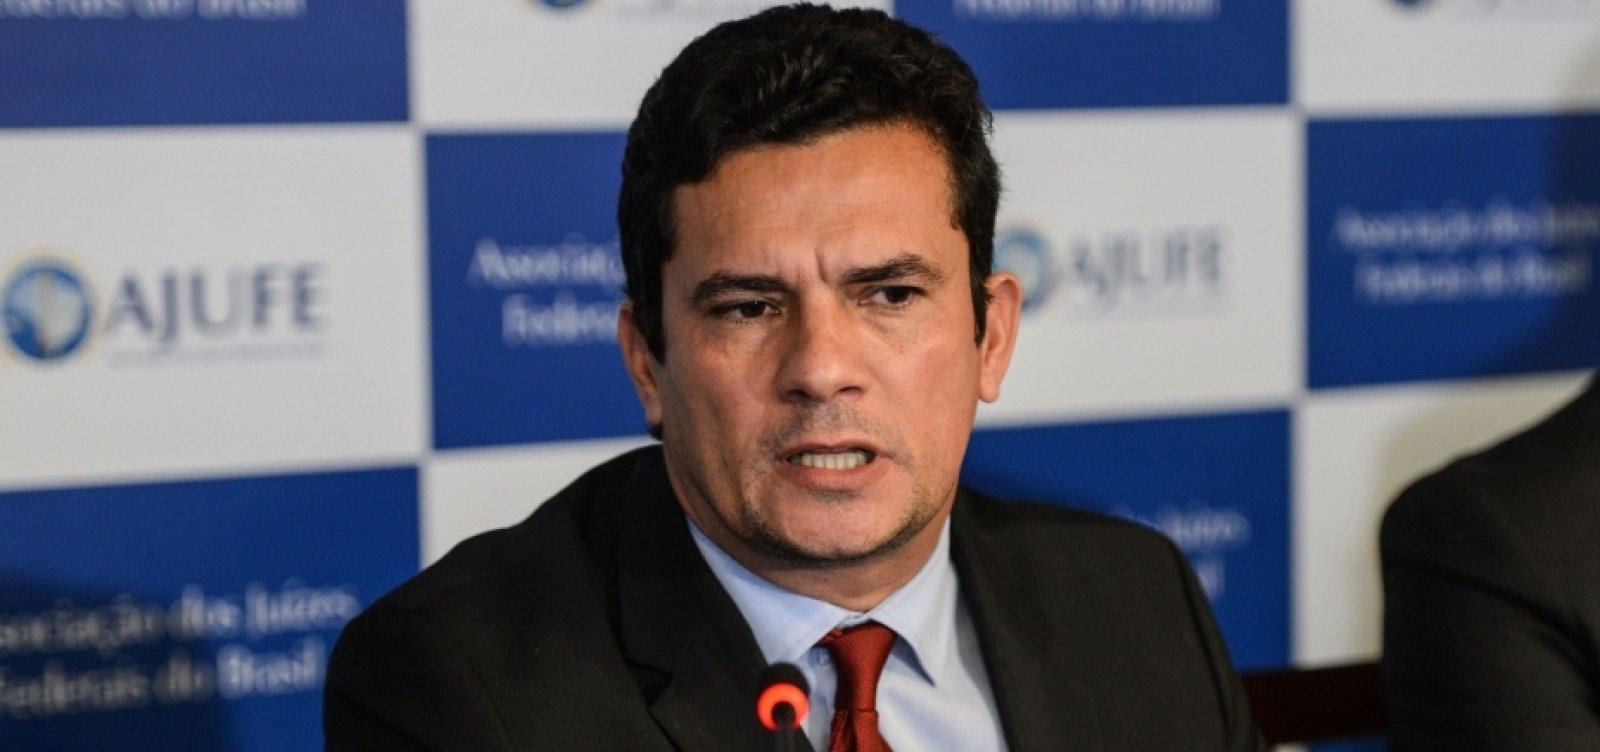 [Sergio Moro fica proibido de advogar e vai receber salário de ministro por seis meses]